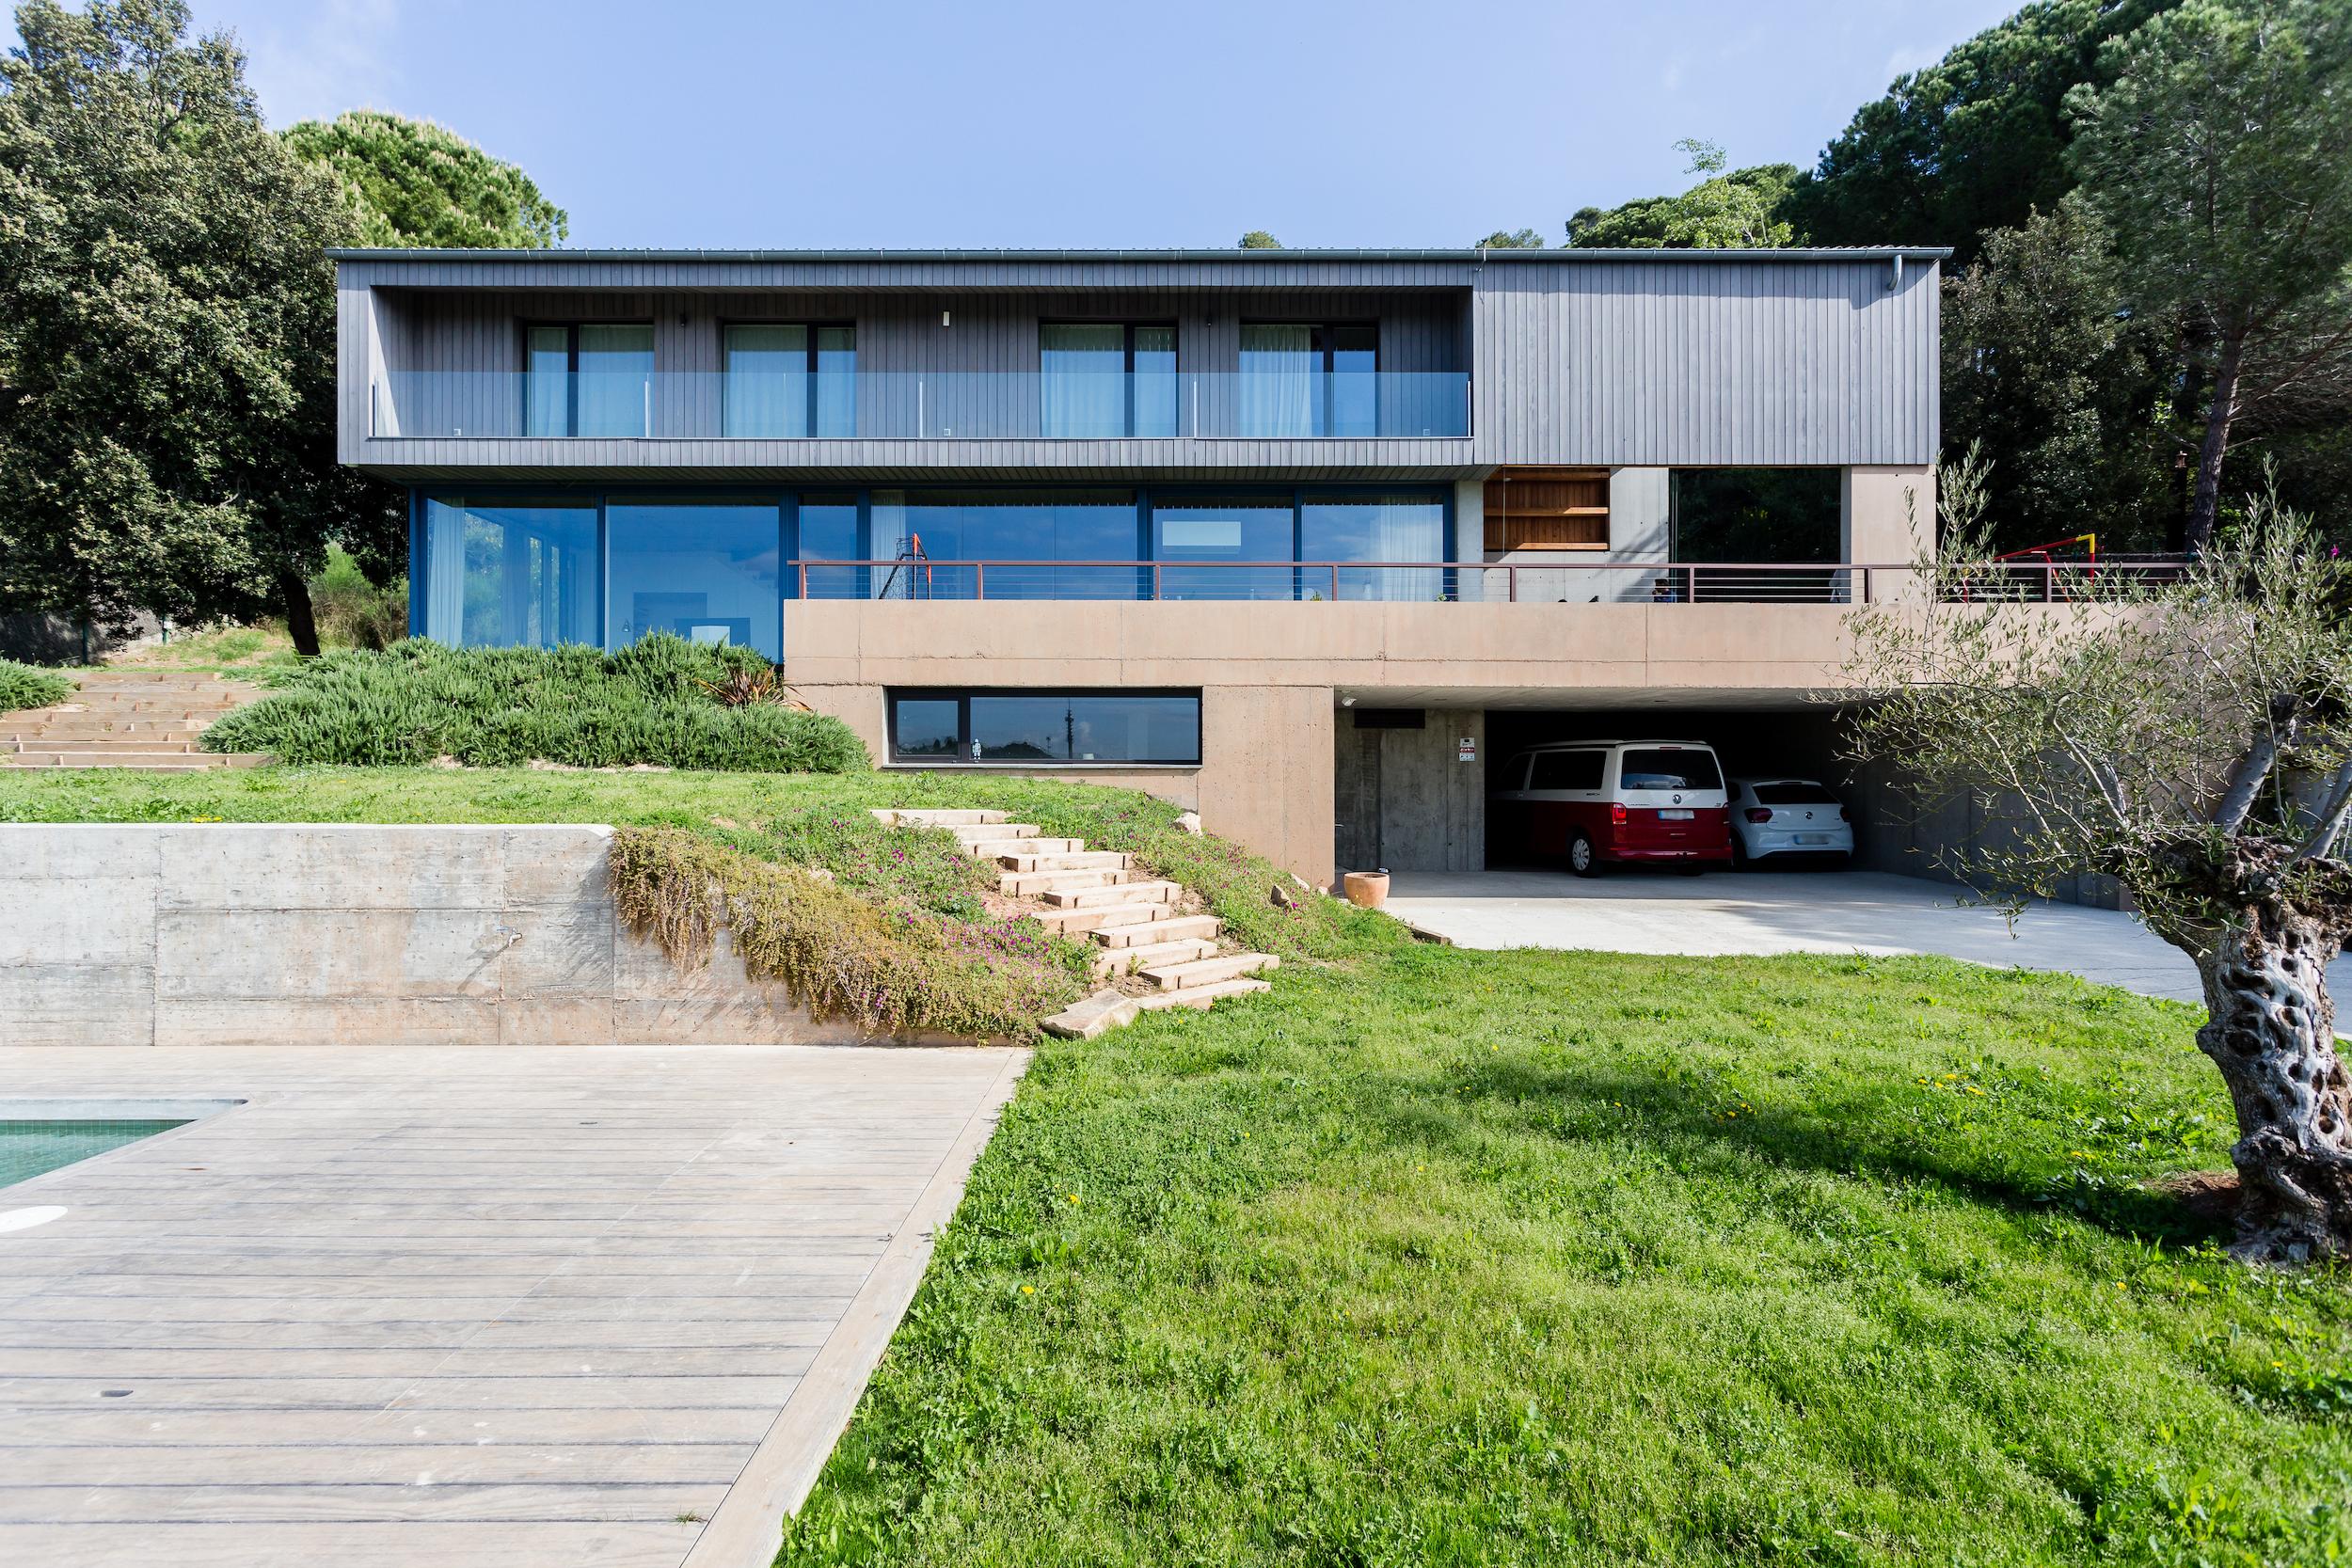 Proyecto Passivhaus Girona. Diseñada por Tigges Architekt y Energiehaus Arquitectos. Partner de Loxone Progetic Projectes Sostenibles